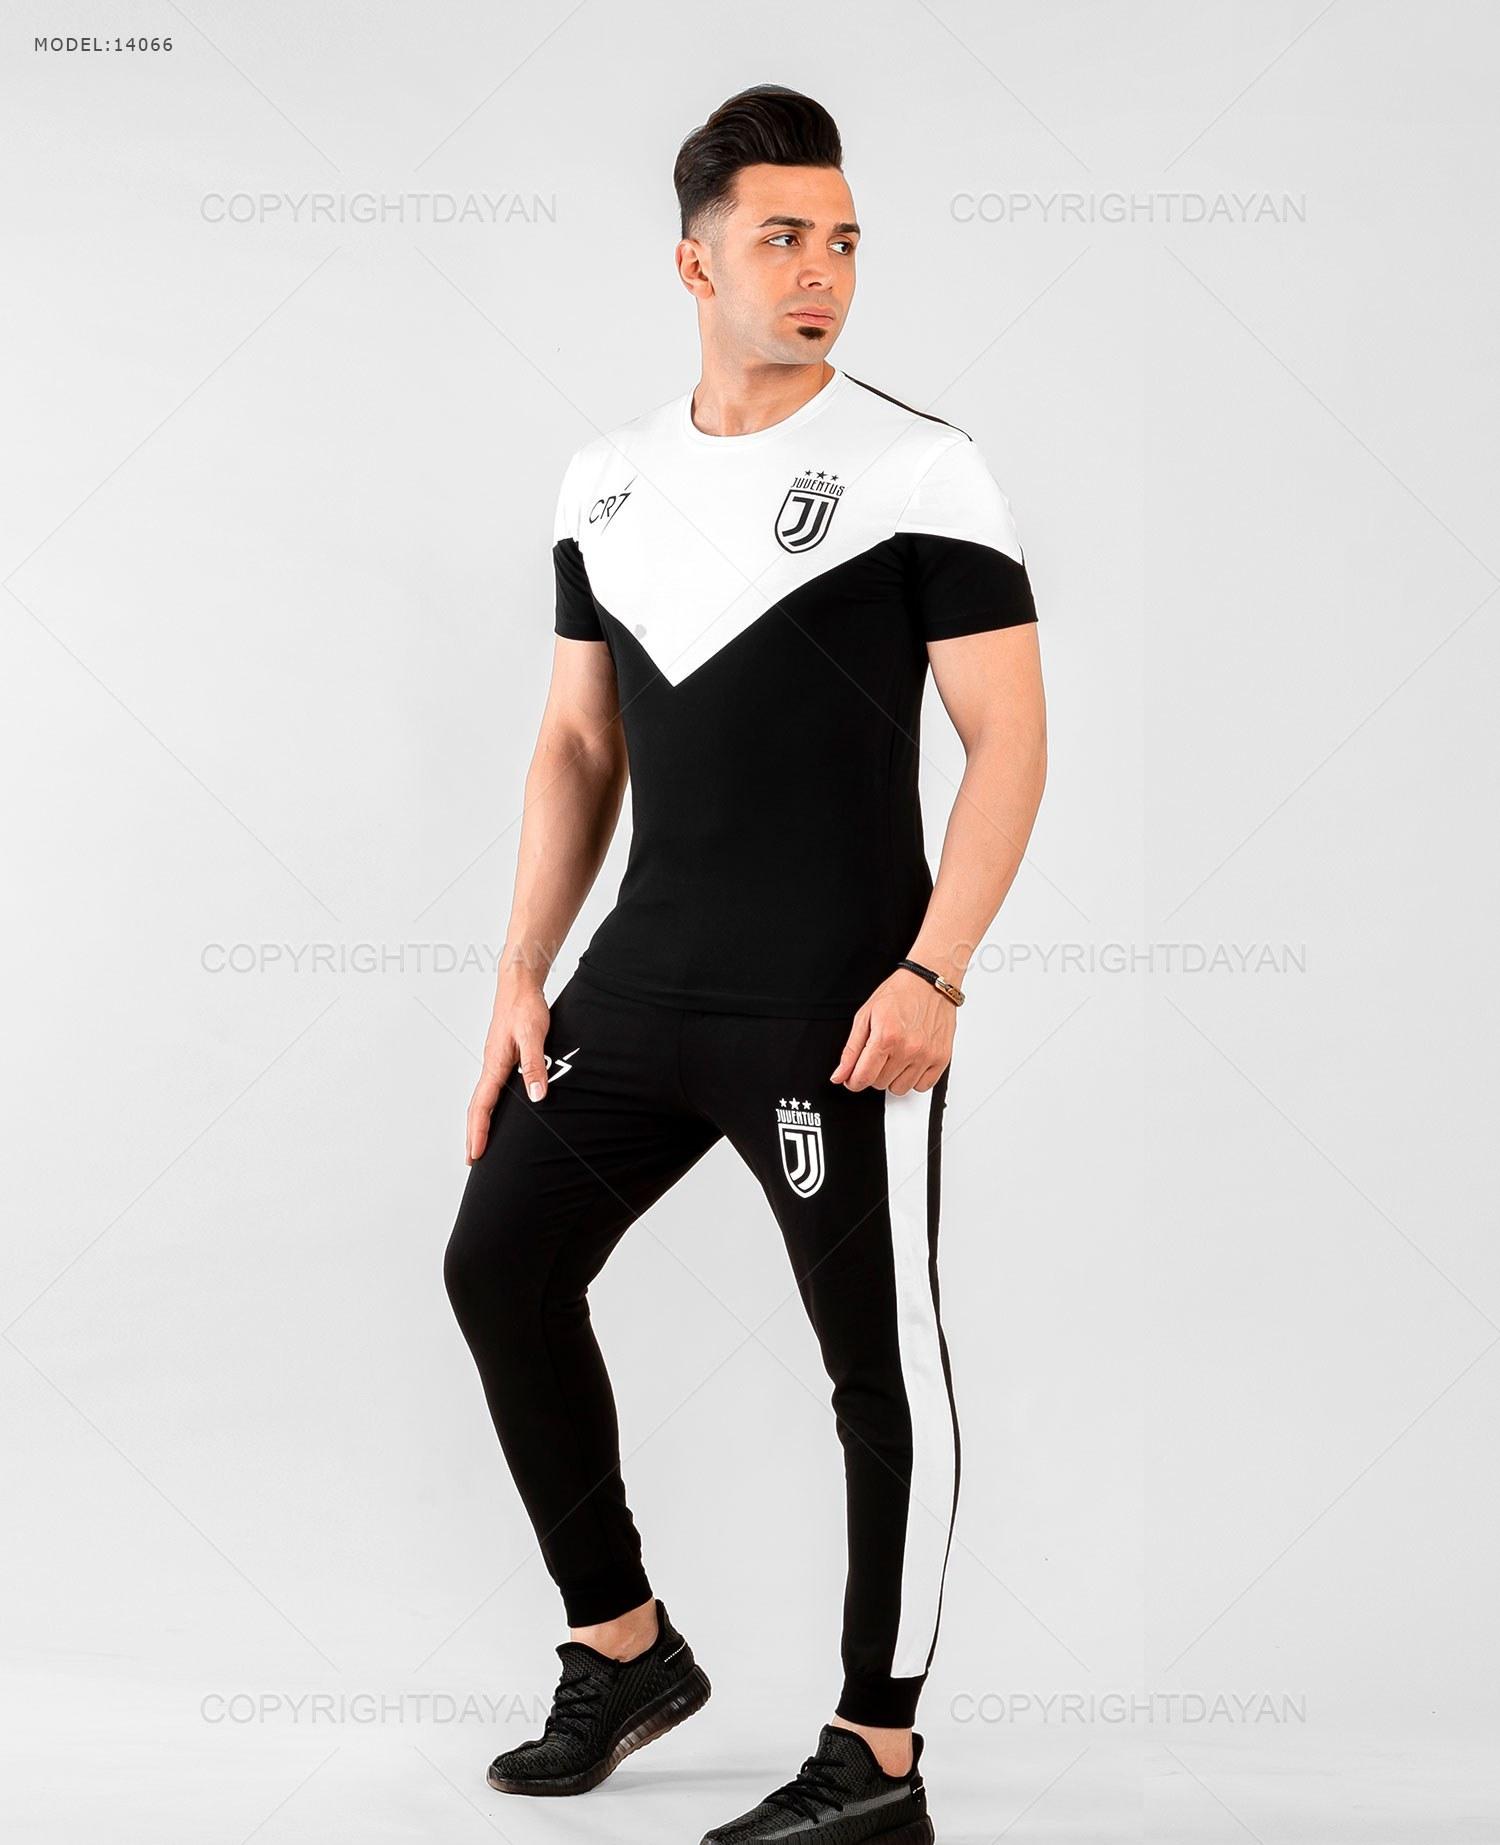 ست تیشرت و شلوار مردانه Juventus مدل 14066